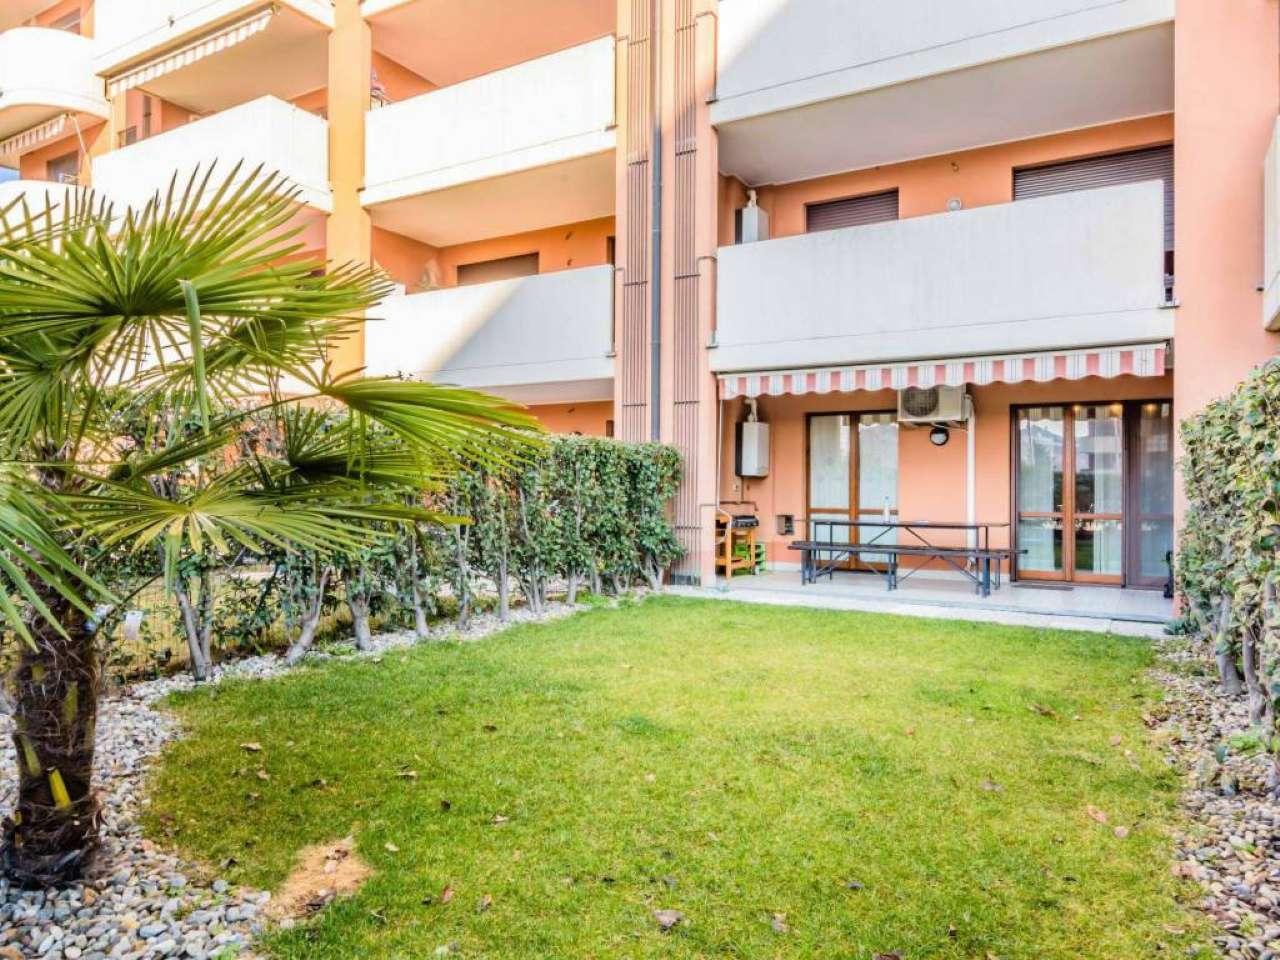 Appartamento in vendita a Busto Arsizio, 2 locali, prezzo € 97.000 | CambioCasa.it